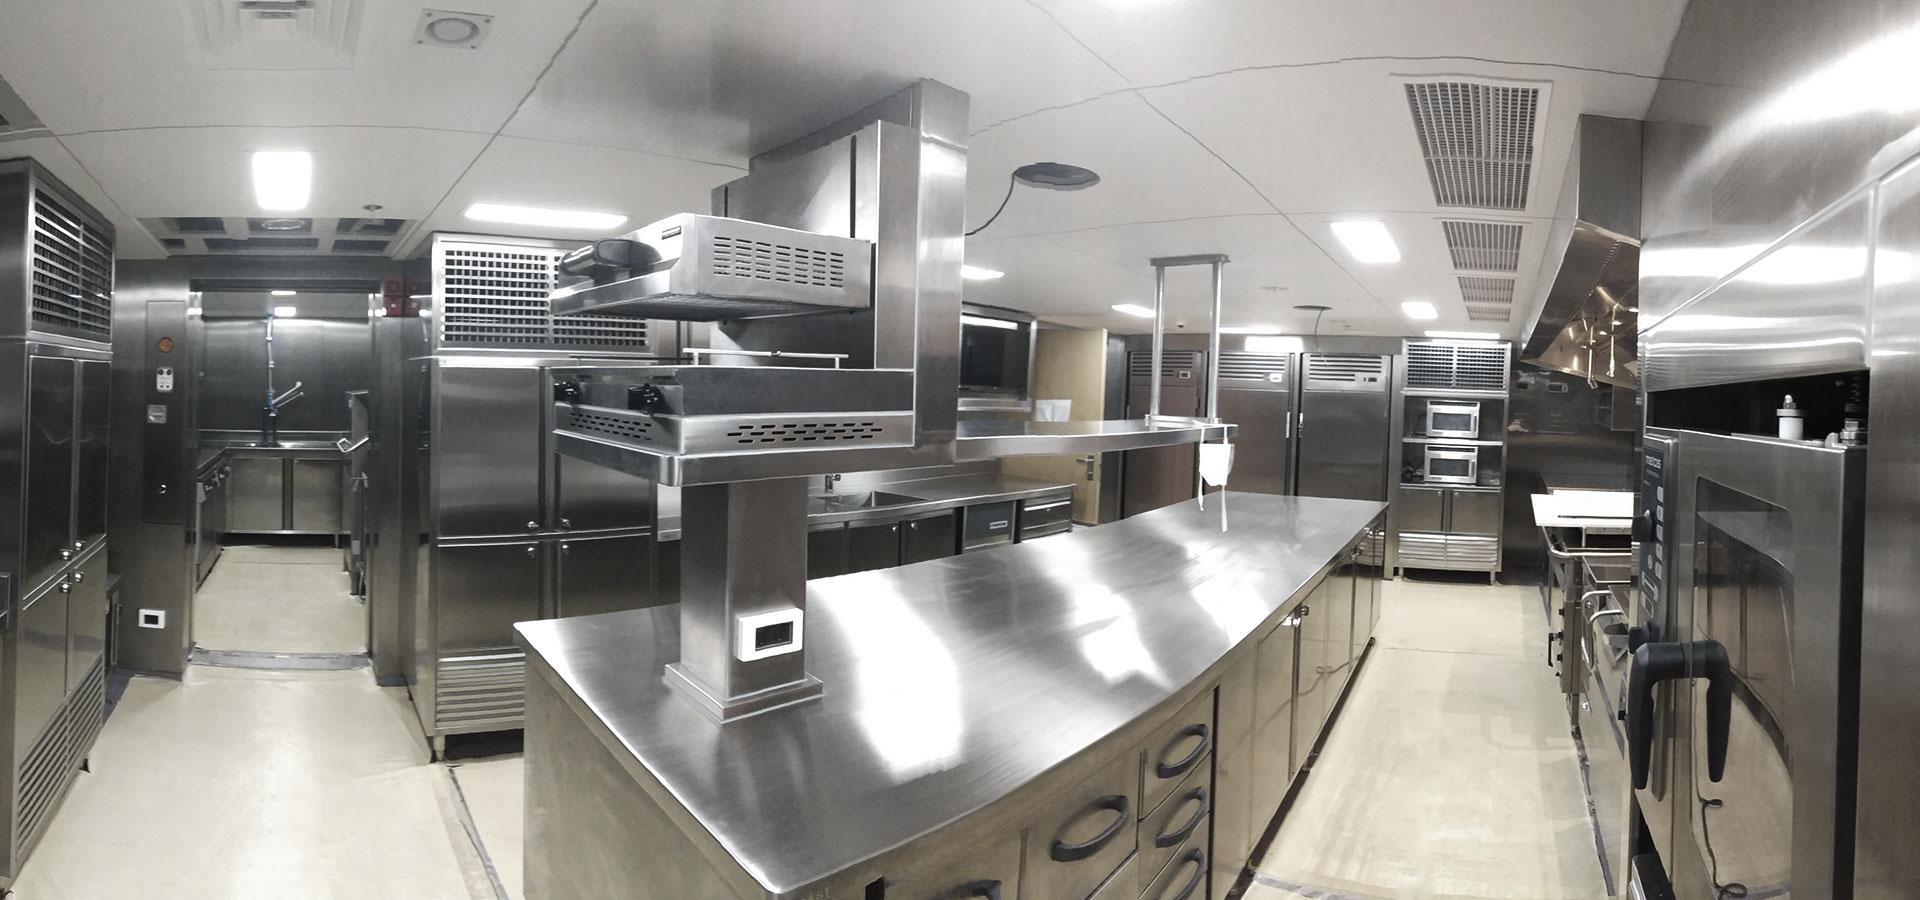 互联网形式是商用厨房设备行业将来增长的趋势